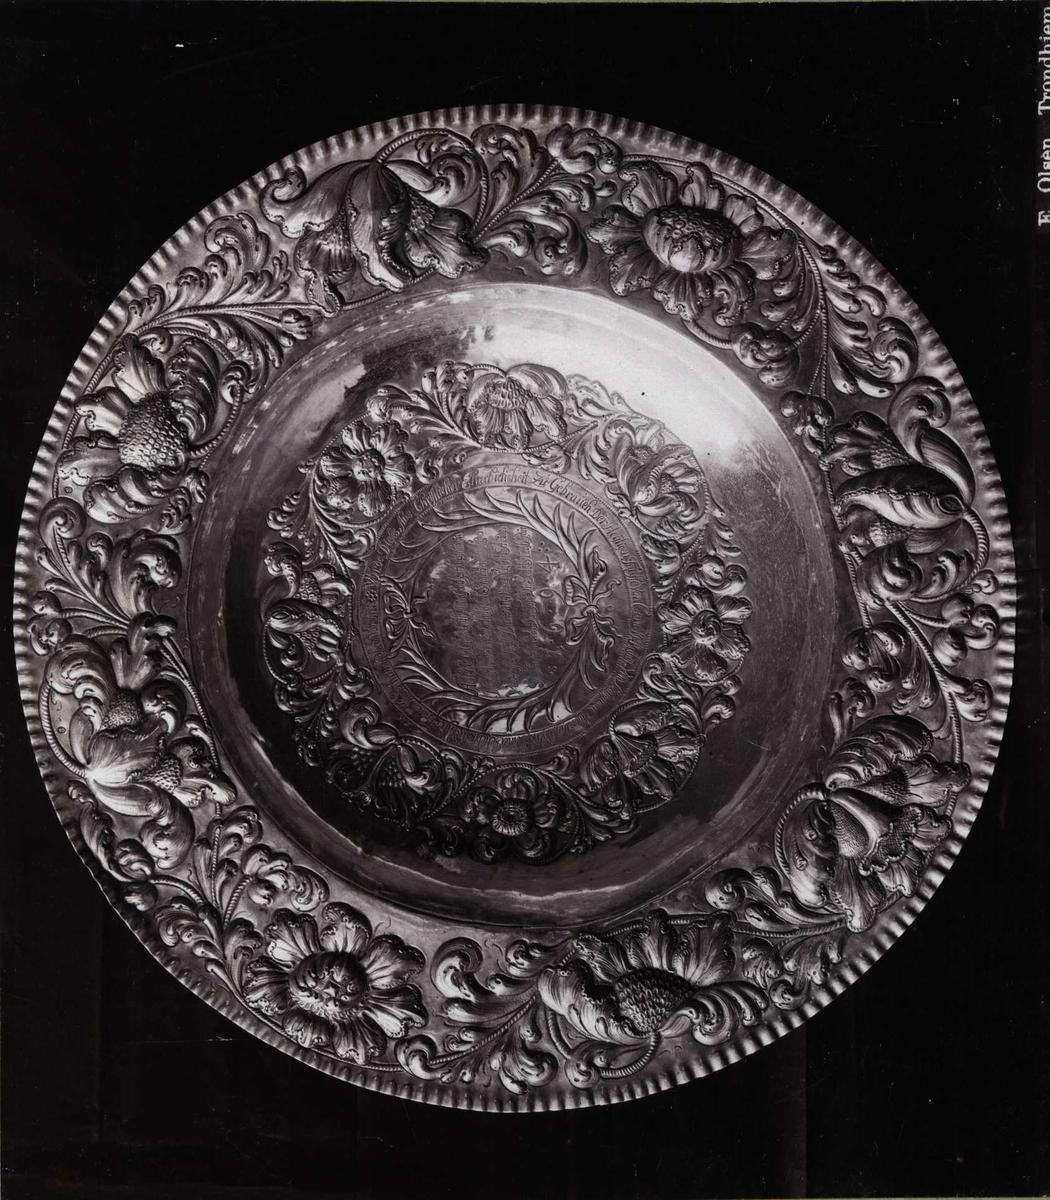 Dåpsfat, forsiret med dervet ladverk, fra 1694. Gitt til Vår Frue kirke i Trondheim, Nord Trøndelag. Den Nordenfjeldske kunstutstilling 1893.